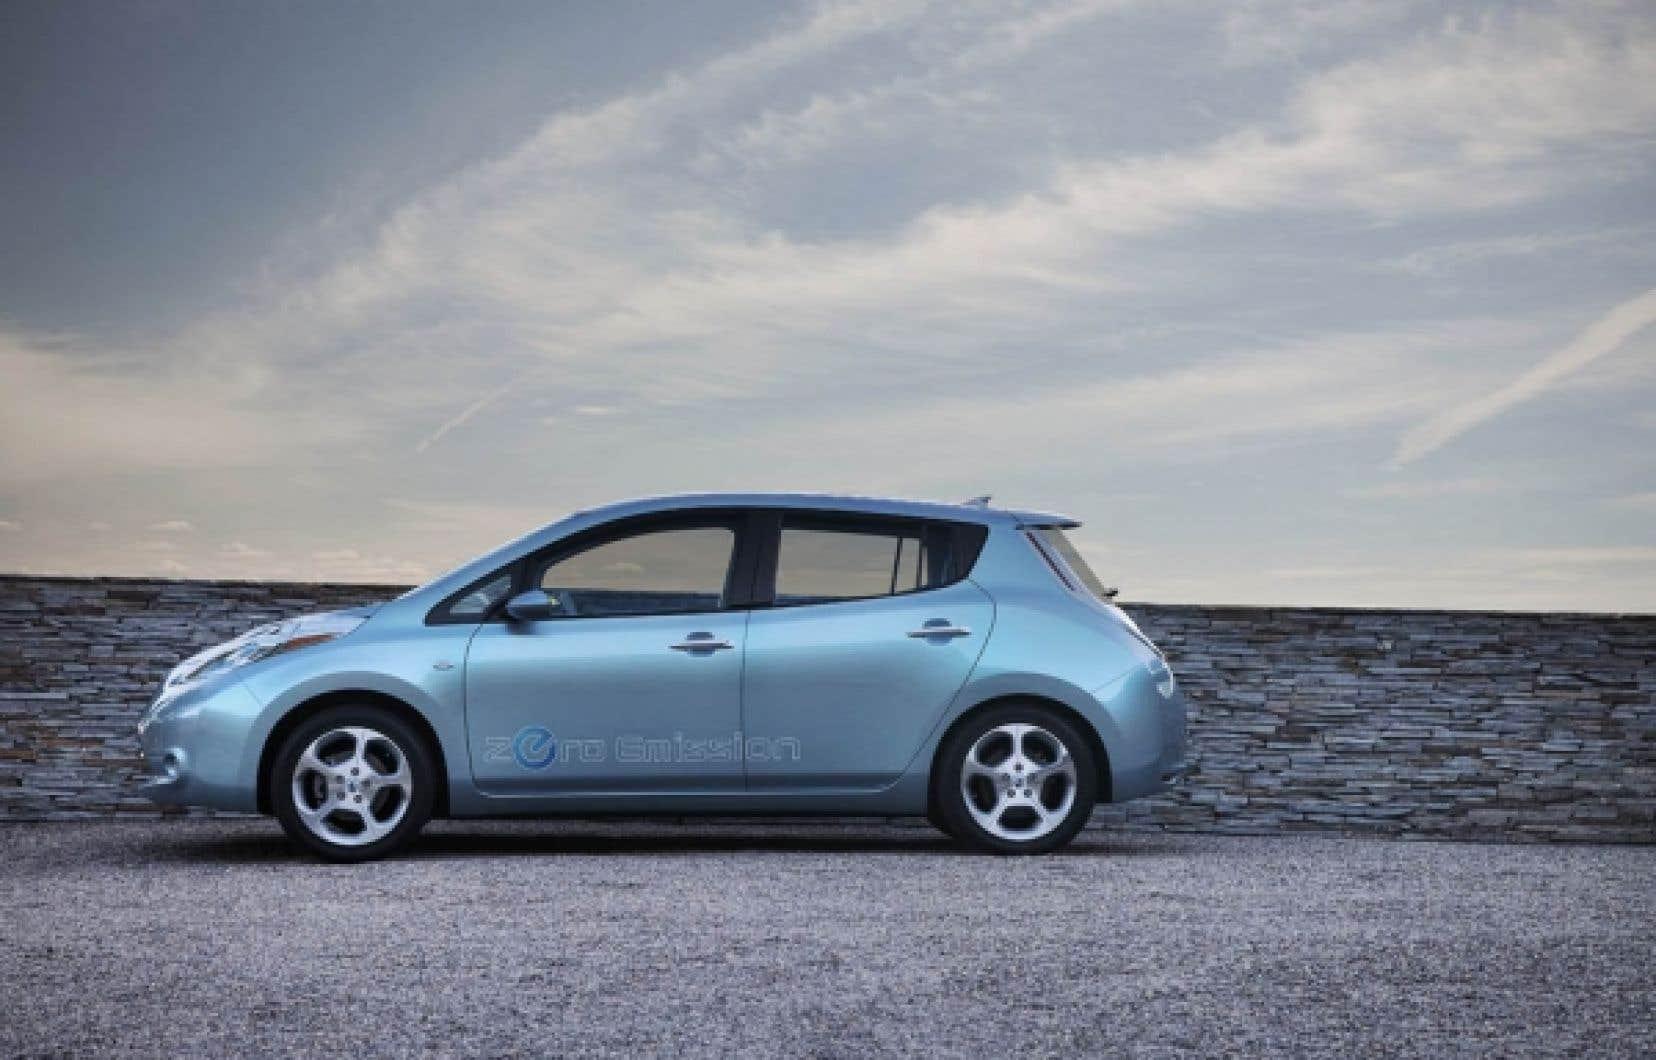 Malgré son design très futuriste, la Nissan LEAF est dotée d'une accélération, d'un espace intérieur et d'une qualité de finition au-dessus de la moyenne des intermédiaires et d'une tenue de route tout à fait acceptable faisant d'elle une voiture électrique qui ne ne dépaysera personne.